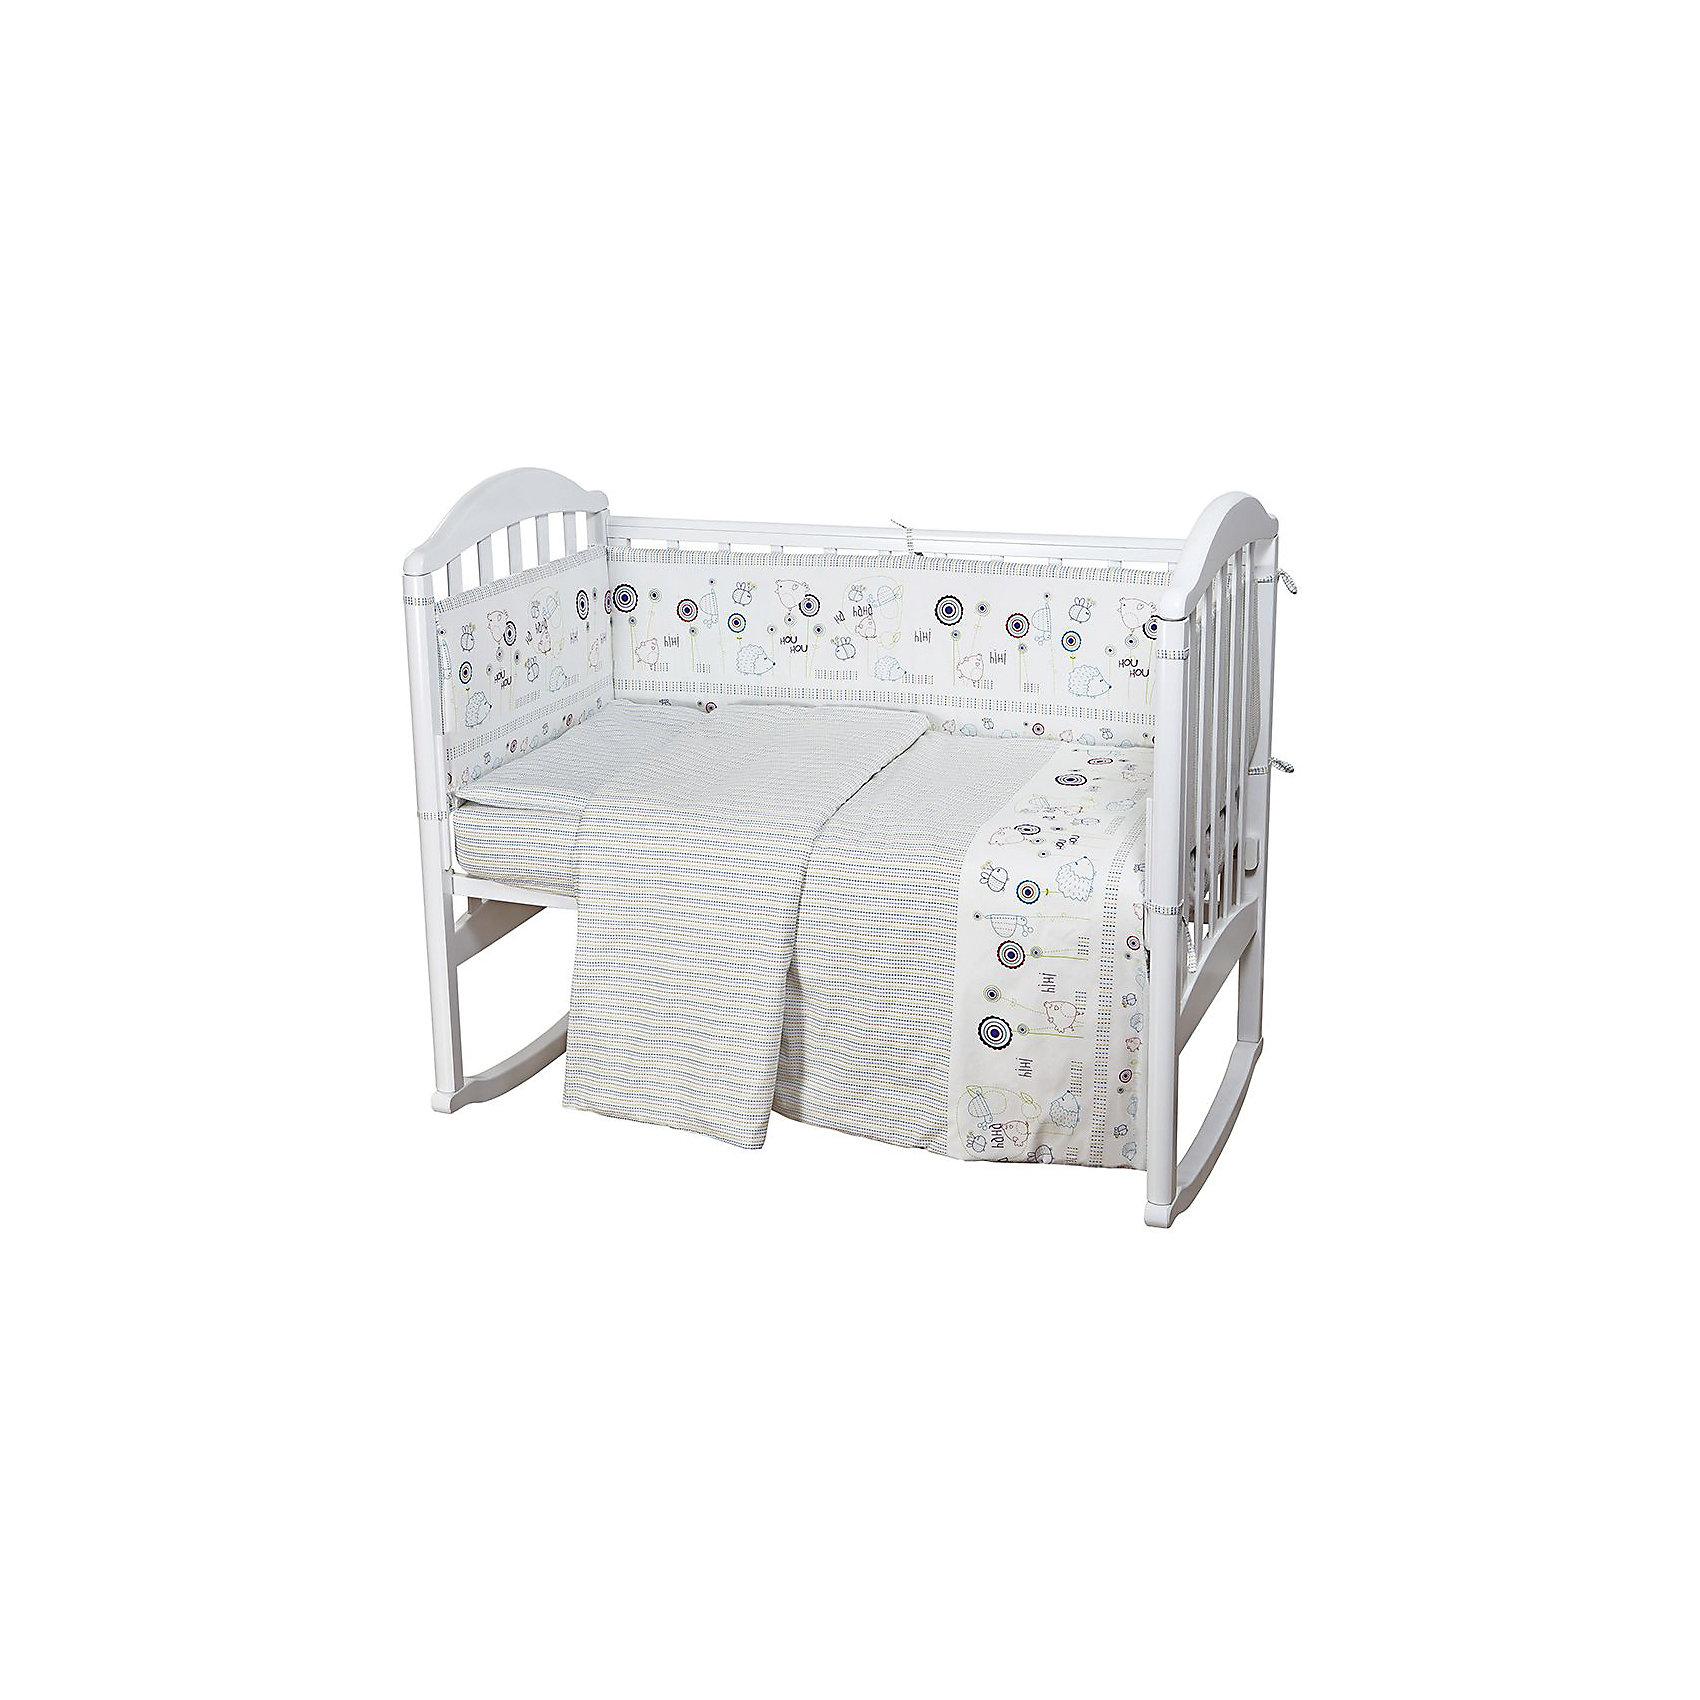 Постельное белье Ежик 3 пред., бязь, 60х120, Baby NiceМалыши требуют особой заботы. Постельное белье для них должно быть качественным и безопасным. Этот комплект обеспечит малышу комфорт и тепло в кроватке. Он украшен симпатичным принтом.<br>Набор сшит из натуральной дышащего материала - бязи, очень приятного на ощупь. Она не вызывает аллергии, что особенно важно для малышей. Также материал обеспечит хорошую терморегуляцию. Комплект сделан из высококачественных материалов, безопасных для ребенка.<br><br>Дополнительная информация:<br><br>цвет: разноцветный;<br>материал: 100% хлопок, бязь;<br>комплектация: наволочка 40х60 см, пододеяльник 112х147 см, простыня на резинке 60х120 см;<br>принт.<br><br>Постельное белье Ежик 3 пред., бязь 60х120, от компании Baby Nice можно купить в нашем магазине.<br><br>Ширина мм: 230<br>Глубина мм: 350<br>Высота мм: 40<br>Вес г: 500<br>Возраст от месяцев: 0<br>Возраст до месяцев: 36<br>Пол: Унисекс<br>Возраст: Детский<br>SKU: 4941786